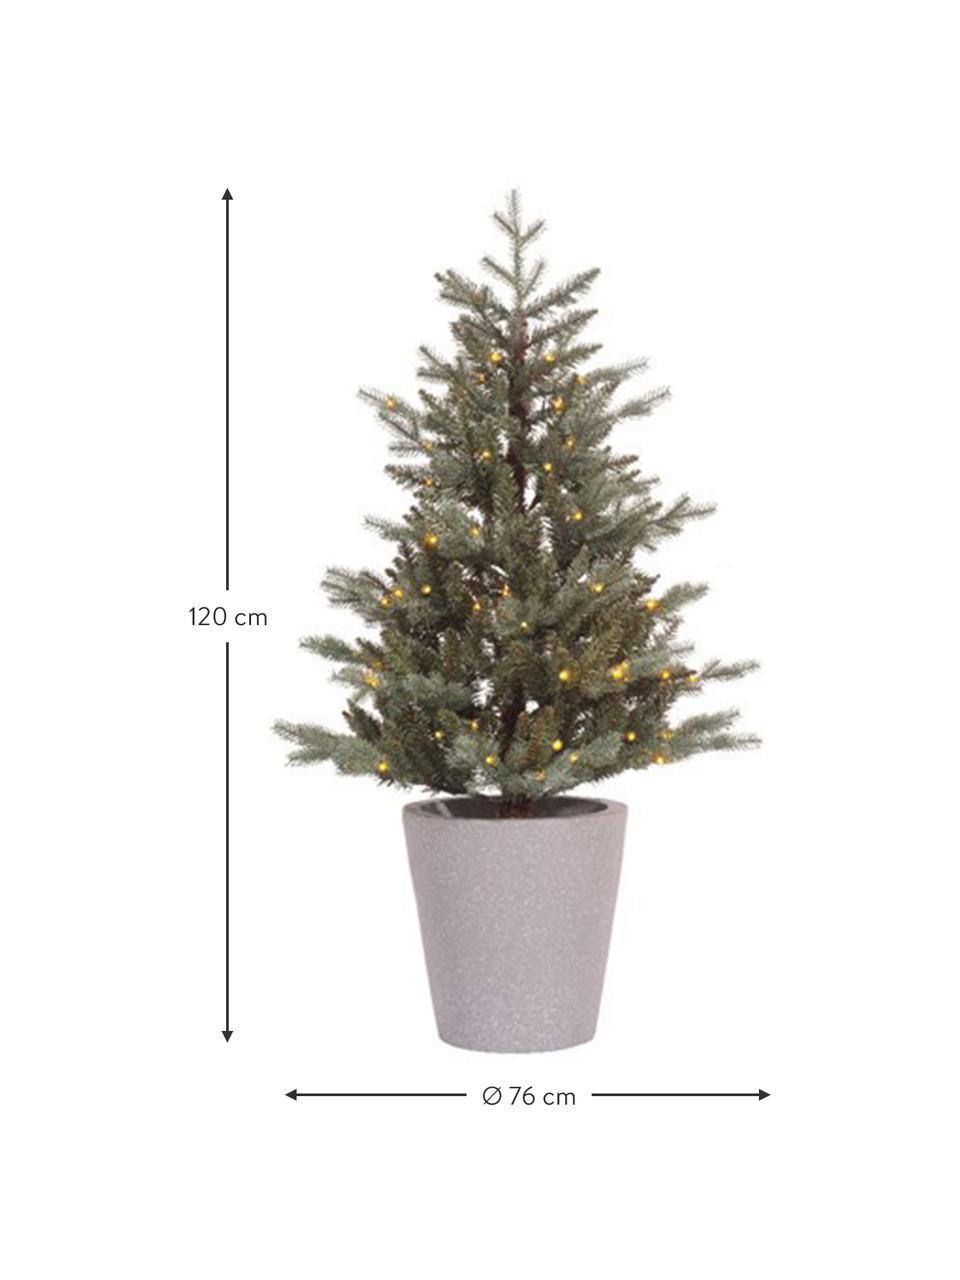 Batteriebetriebener, künstlicher LED-Weihnachtsbaum Allison H 120 cm, Grün, Grau, Ø 76 x H 120 cm